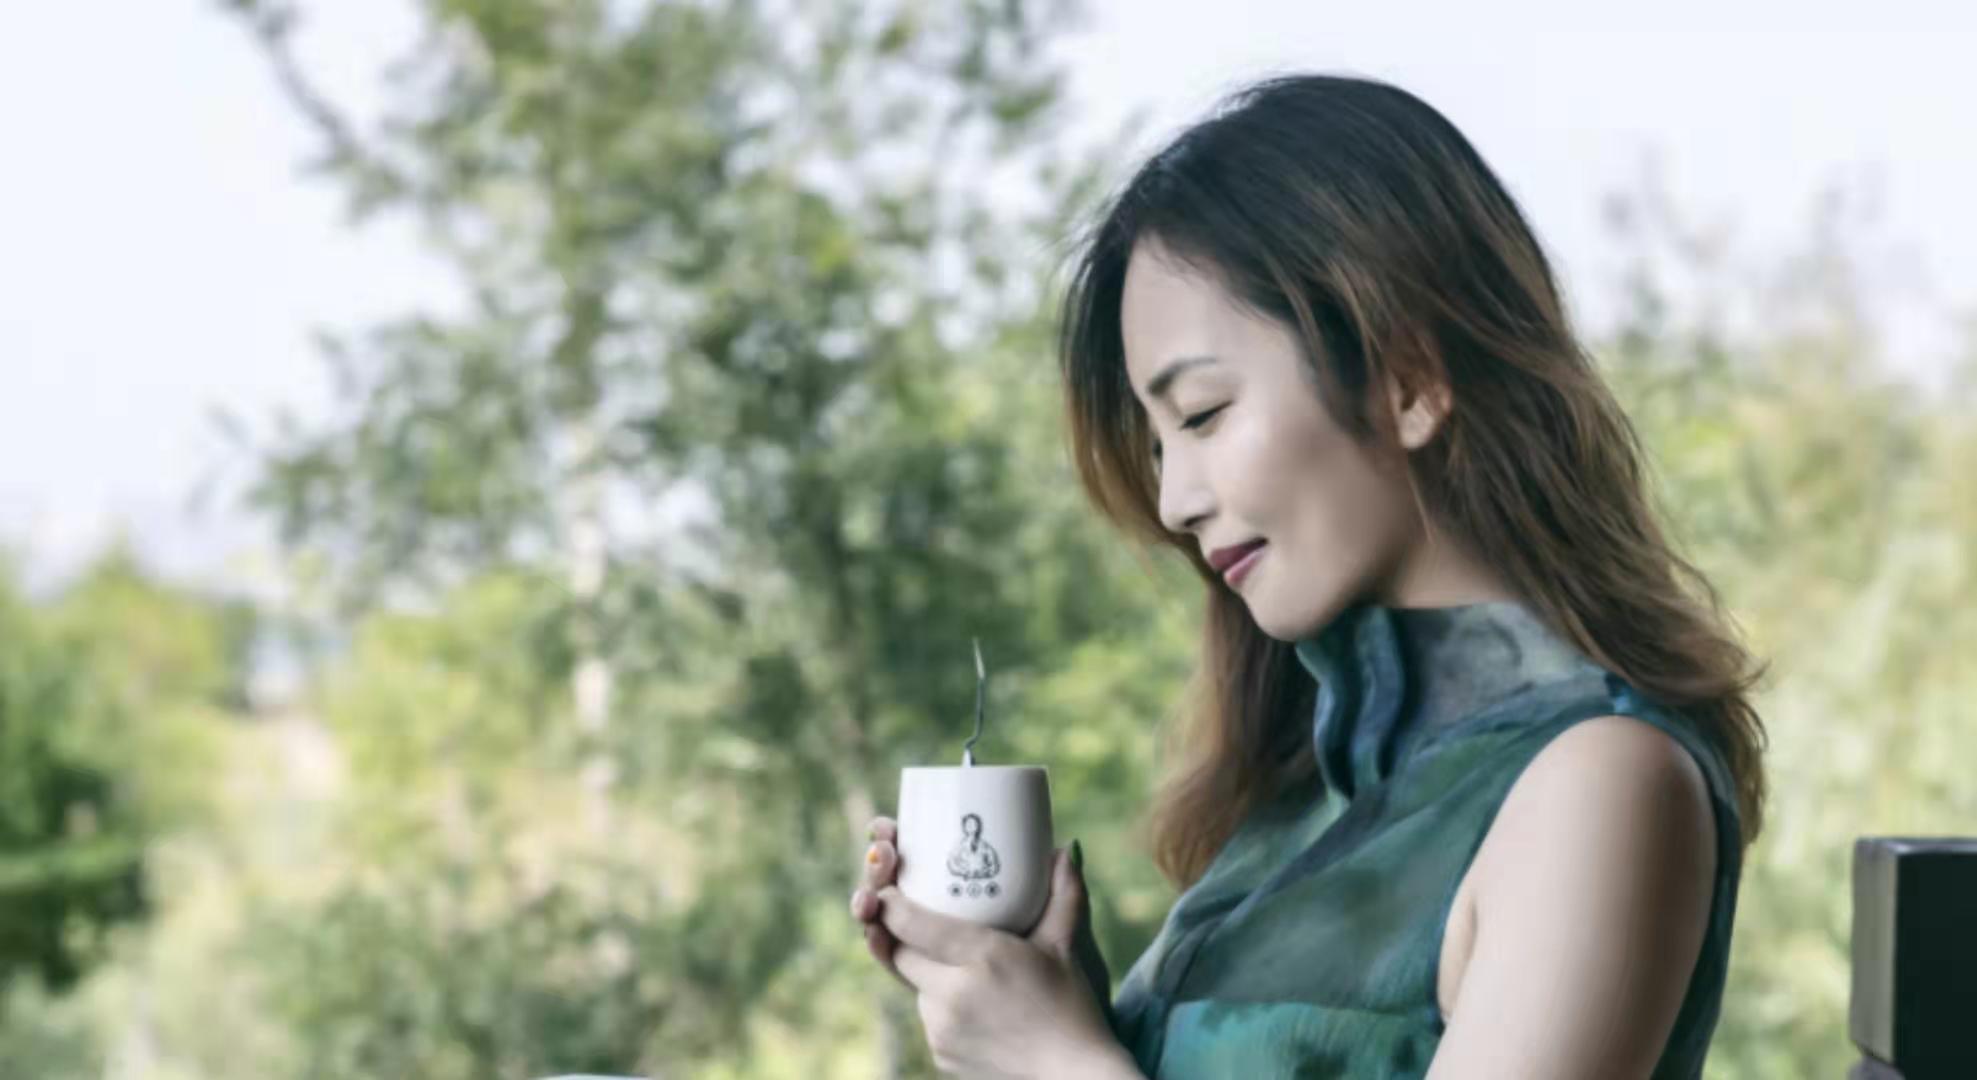 重新定义袋泡茶,给年轻人一个爱喝茶的理由。